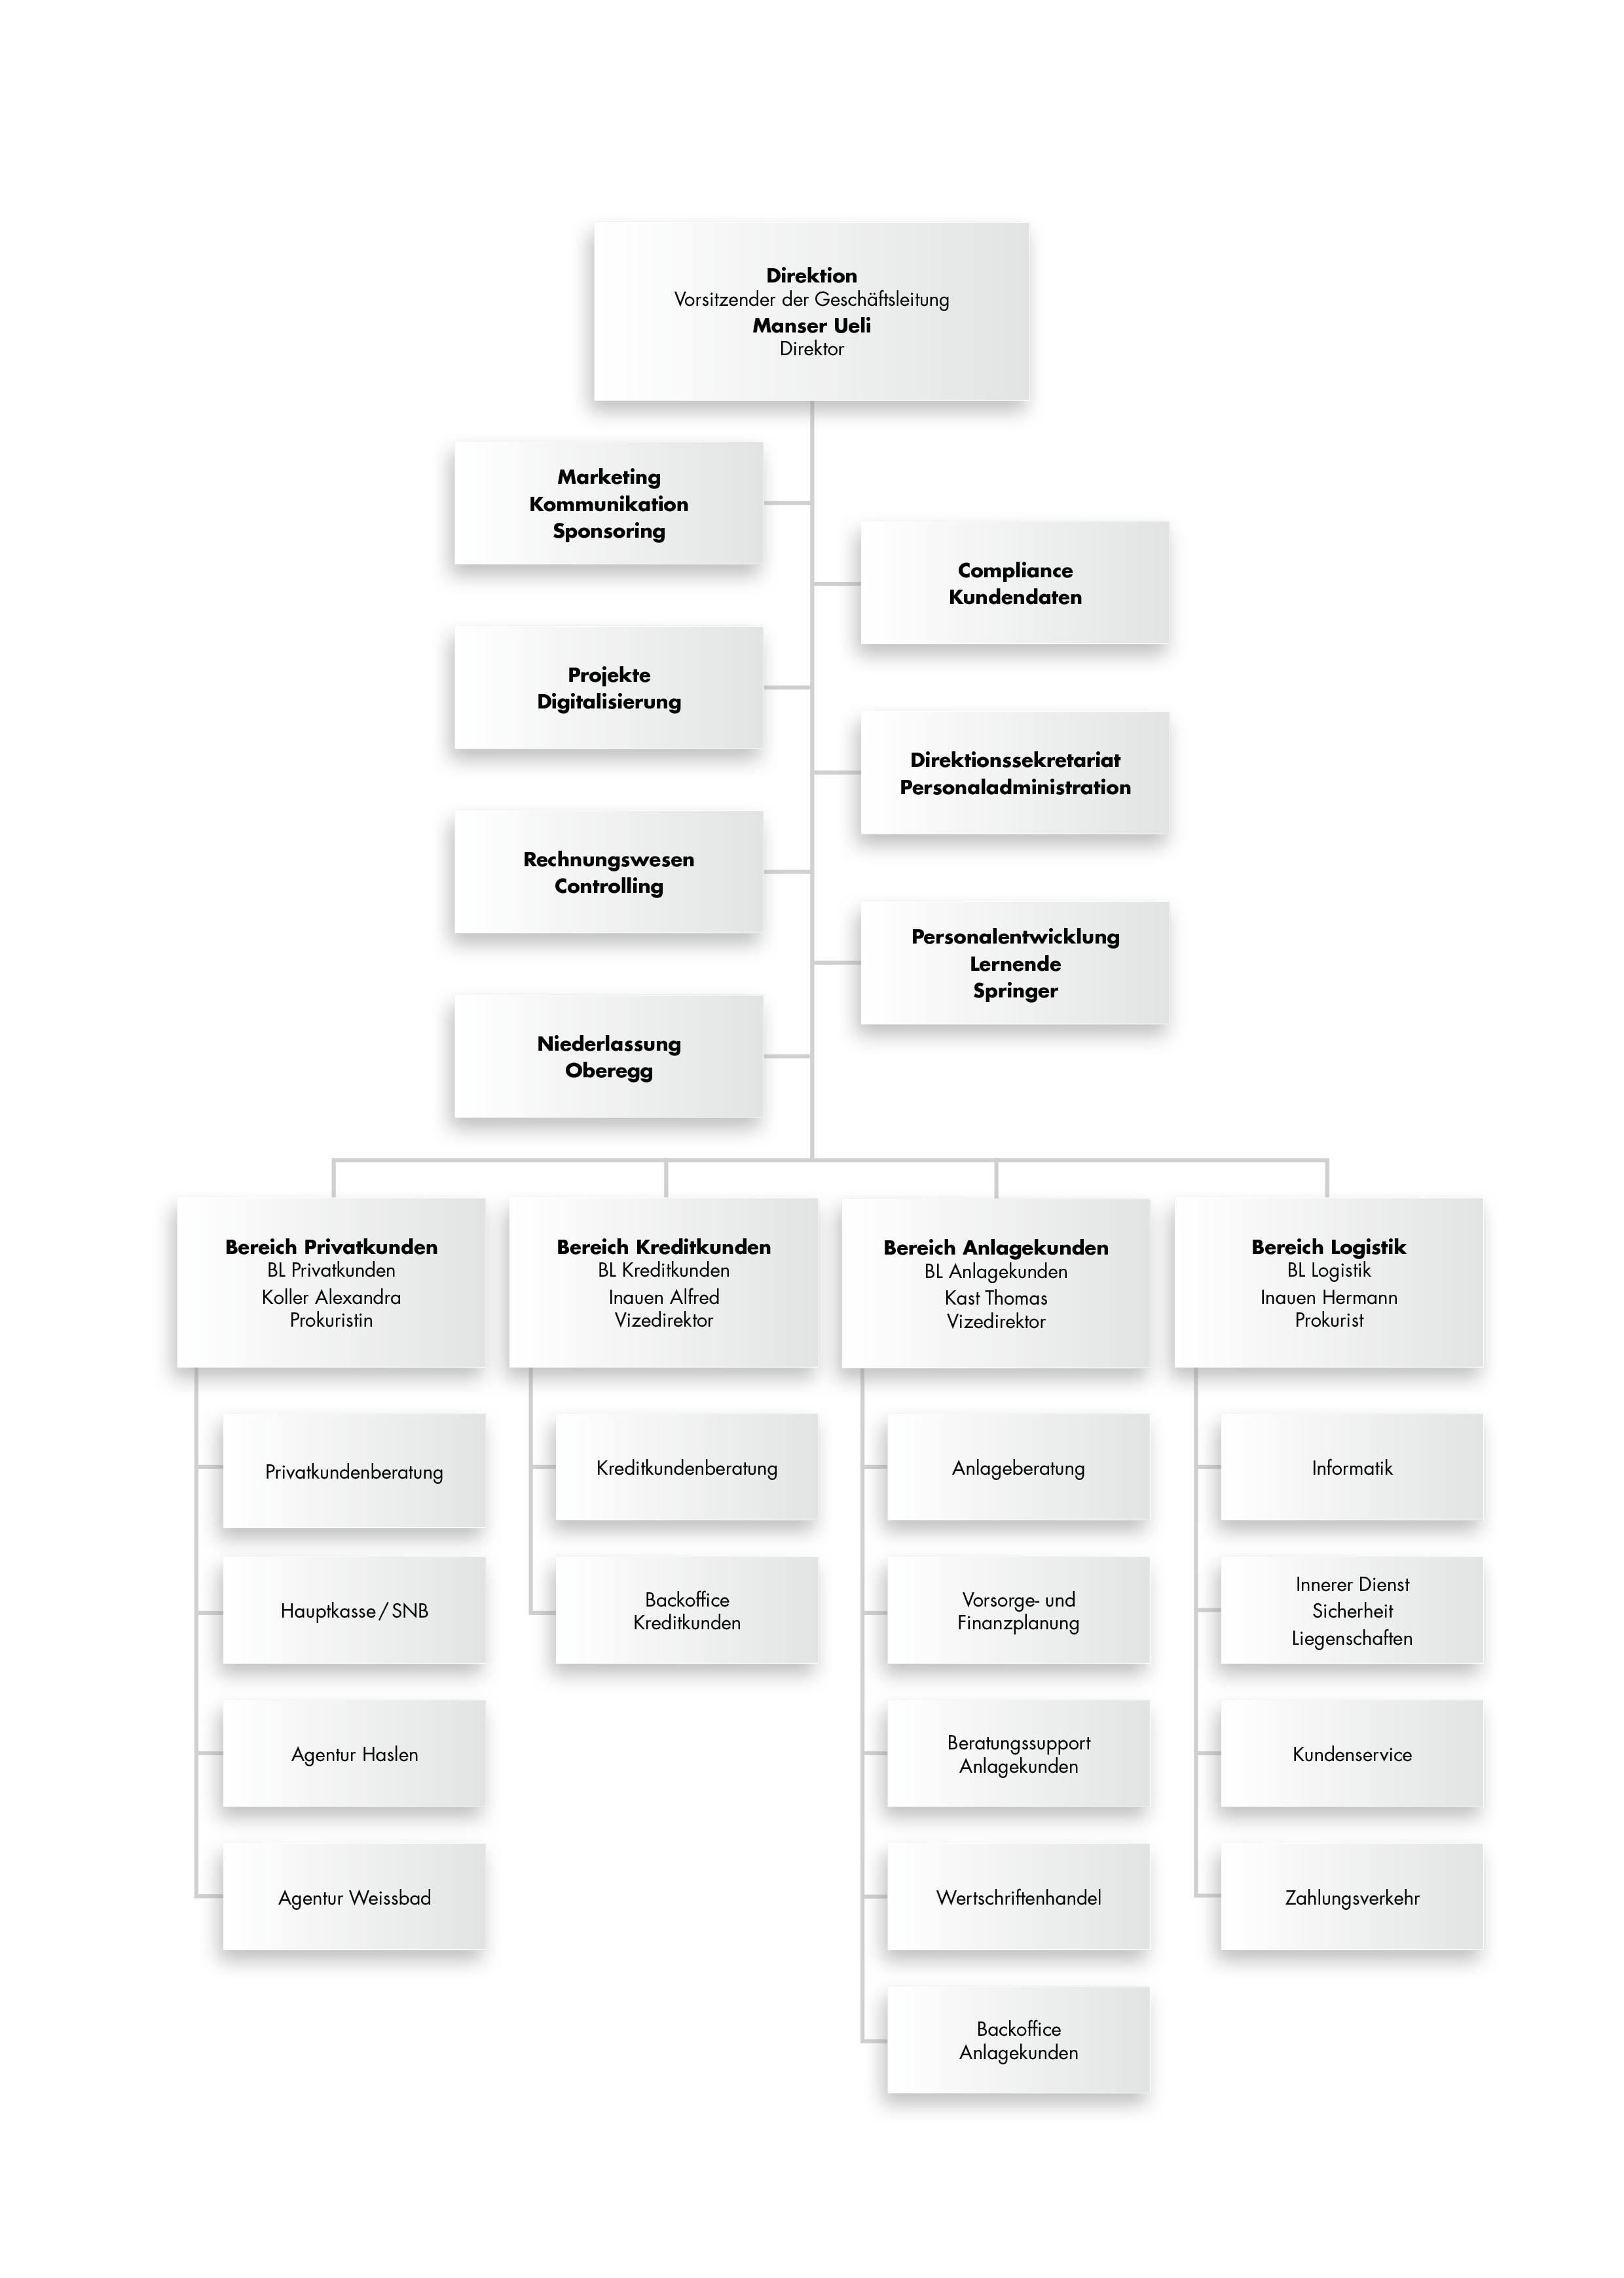 Organigramm APPKB September 2021